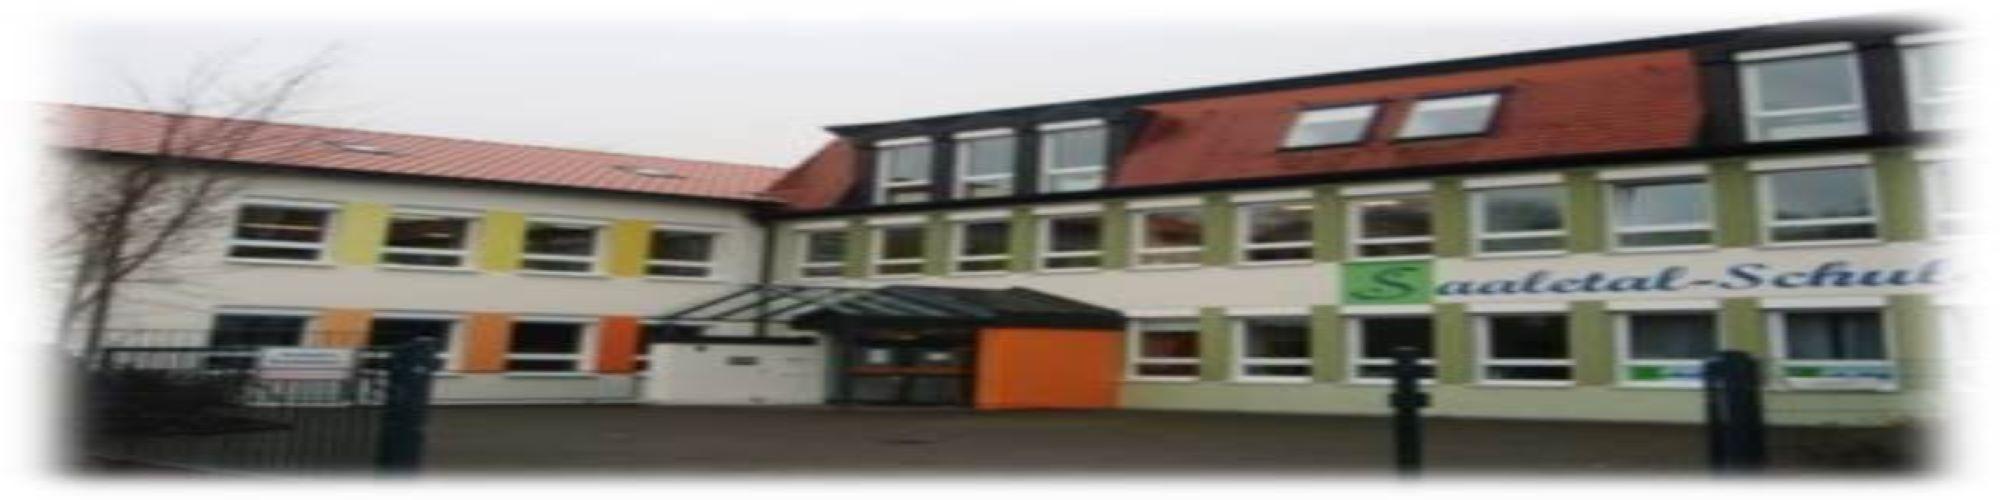 Haupthaus in KG